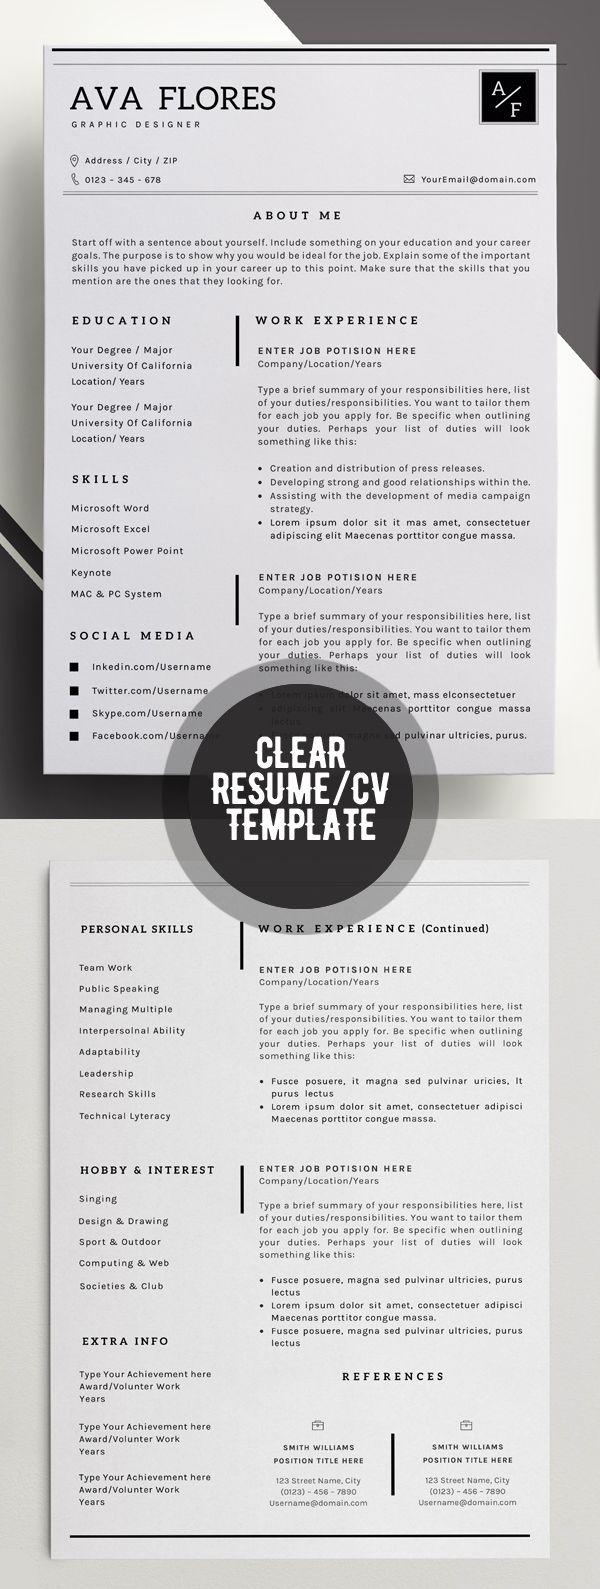 13 templates de CV para creativos 13